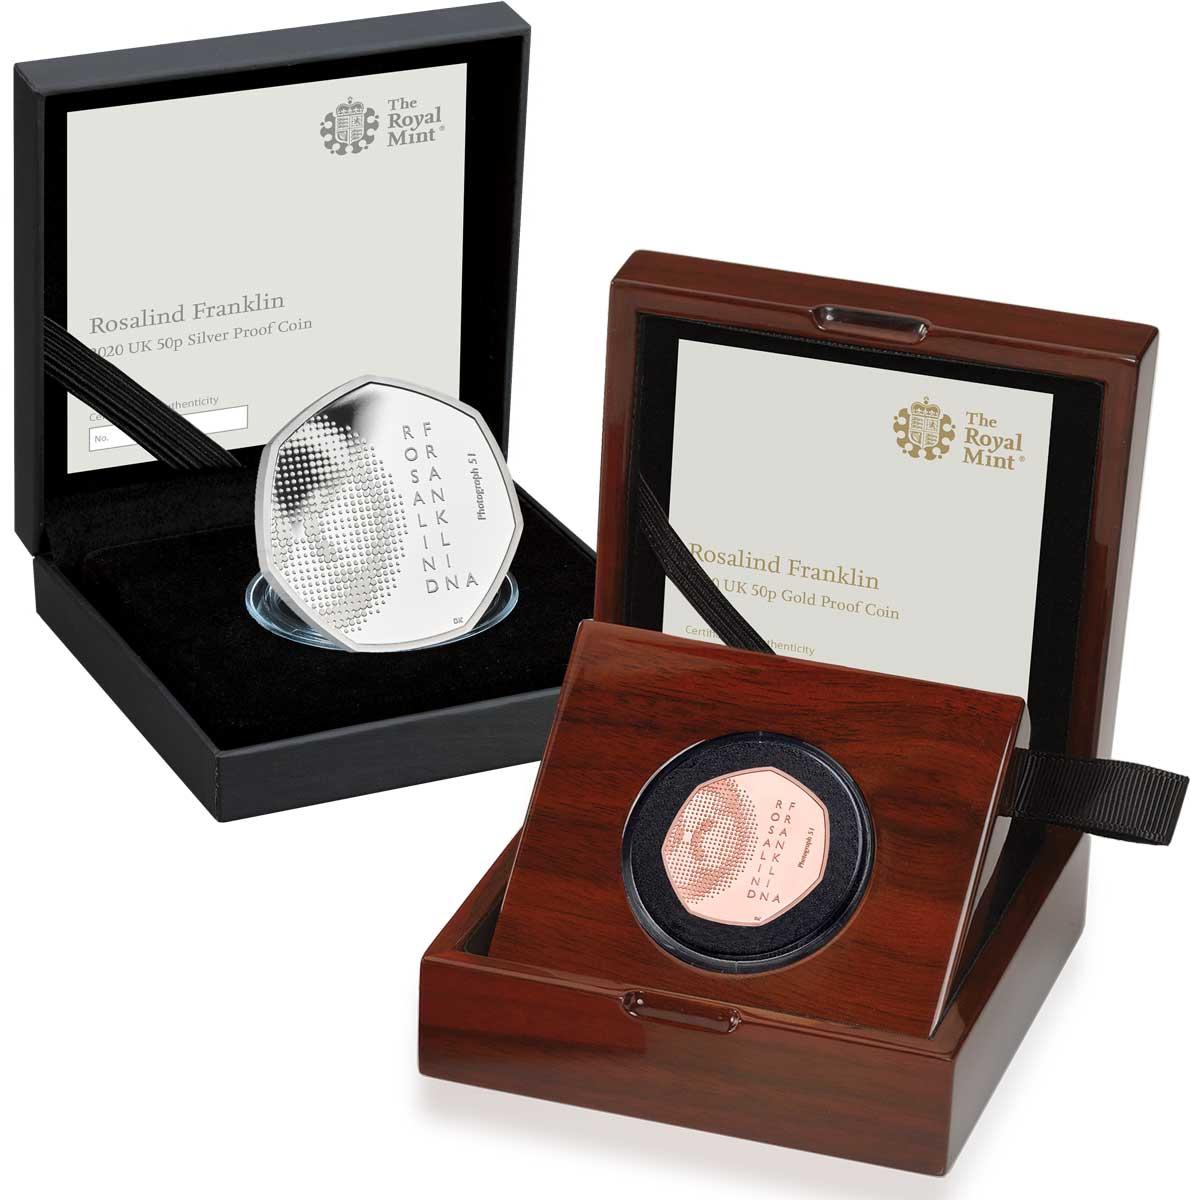 Oro, argento e cupronichel per Rosalind Franklin, brillante scienziata inglese nata cento anni fa